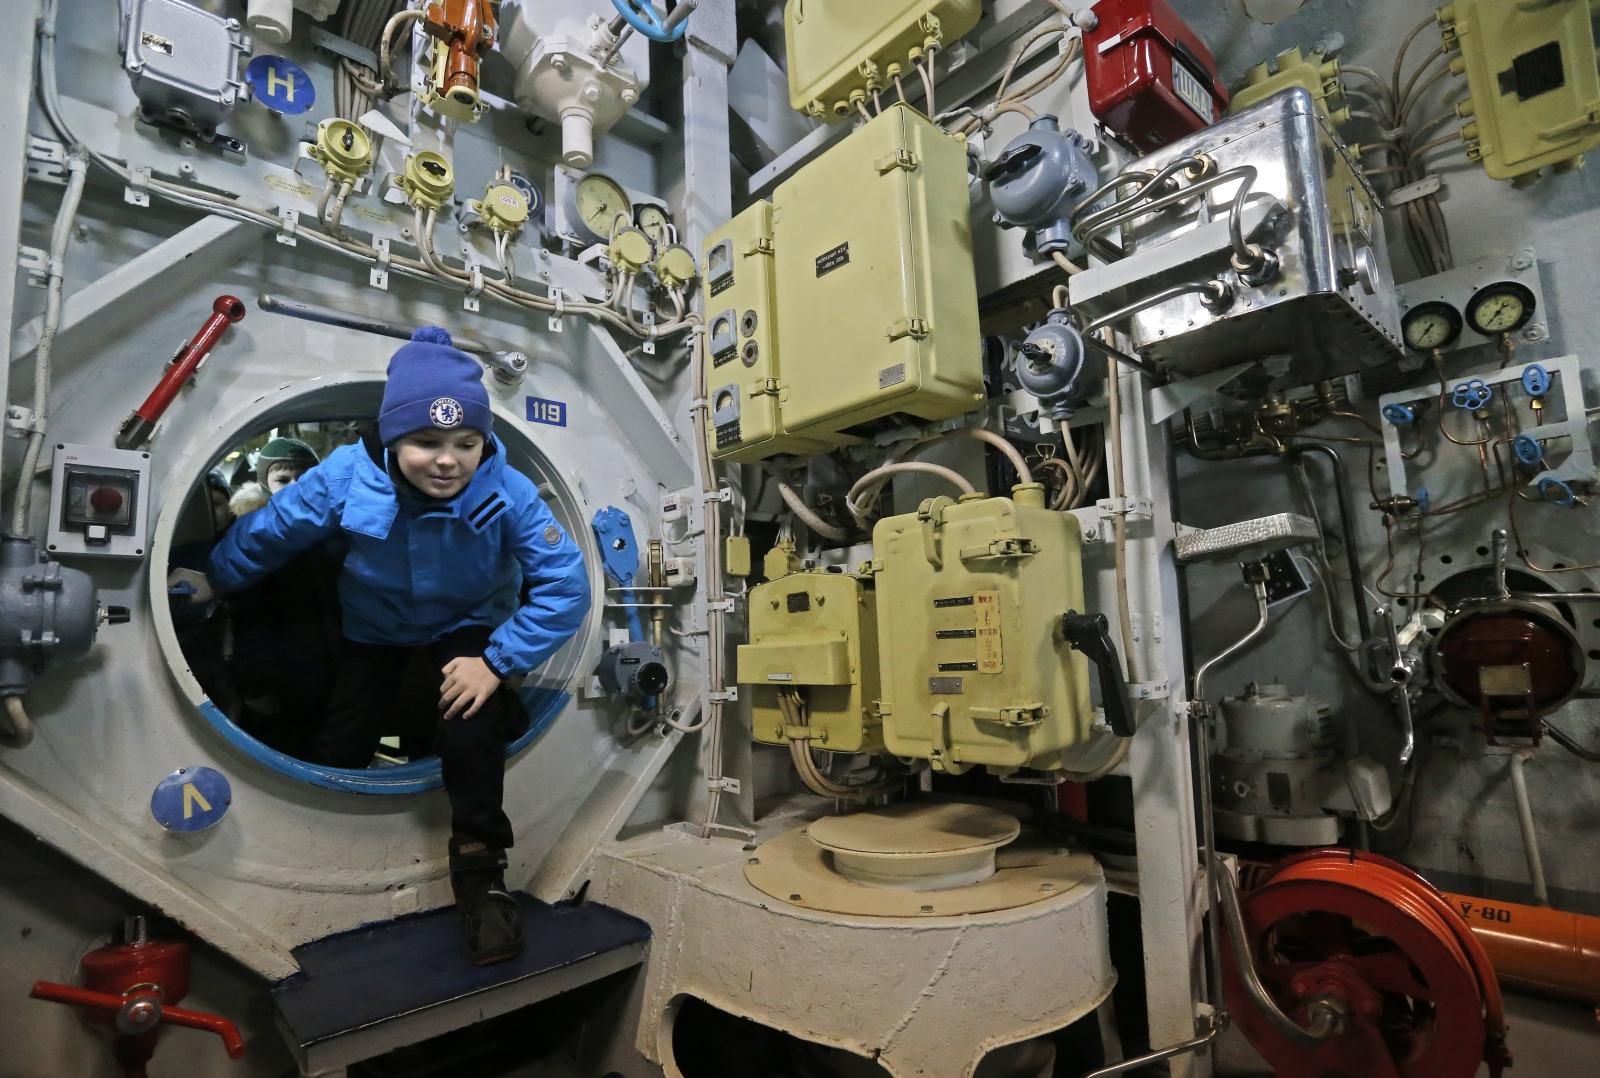 Chłopiec wchodzi do instalacji odwzorowującej wnętrze łodzi podwodnej w Muzeum Łodzi Podwodnych w Moskwie.